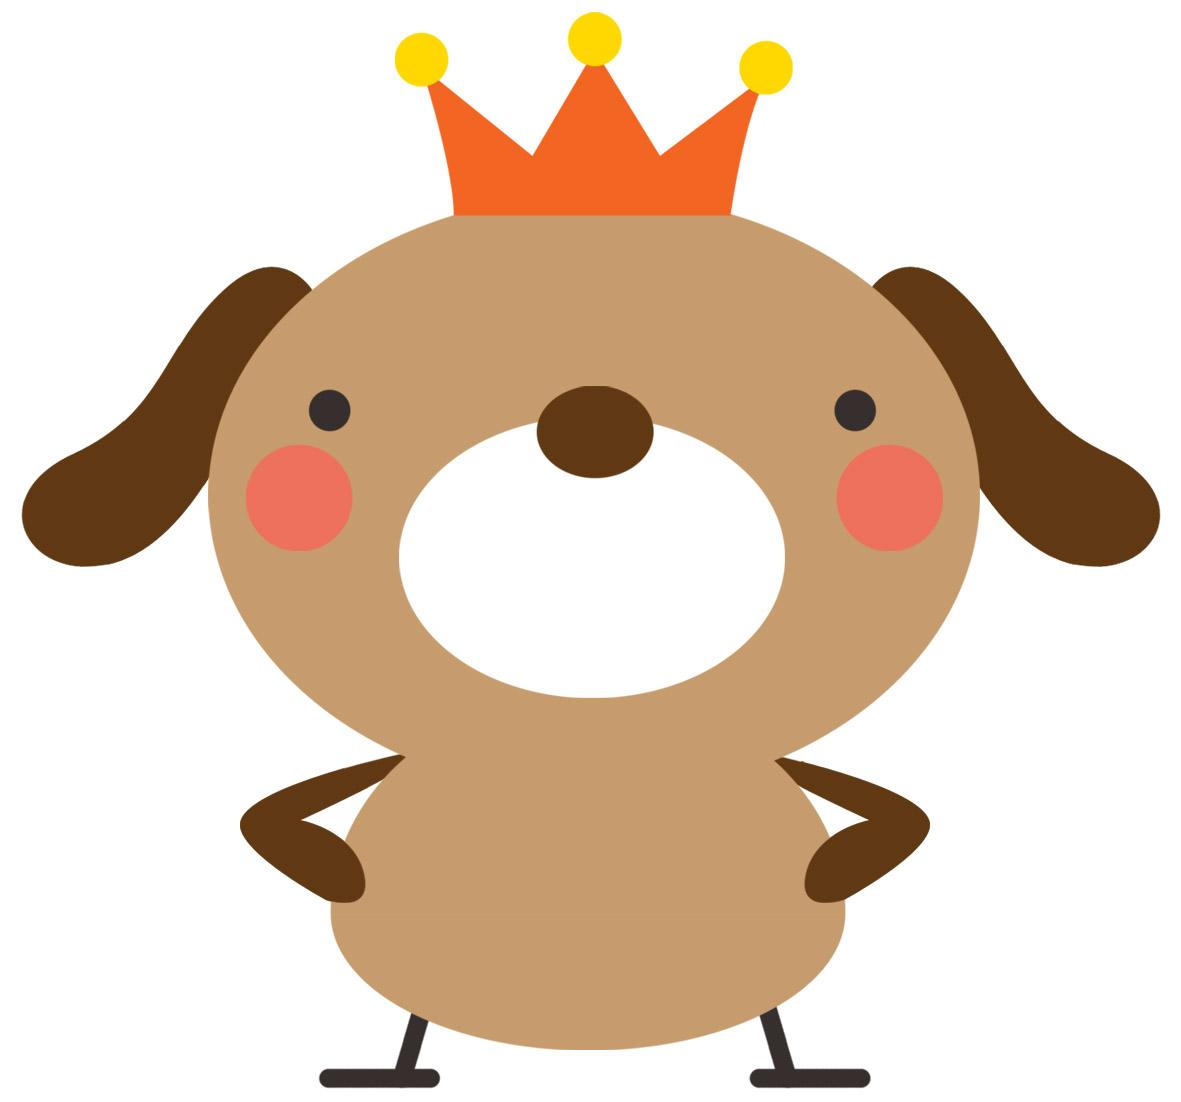 高解像度プリント素材 犬イラスト~mococo print~ : 【素材】可愛らしい犬